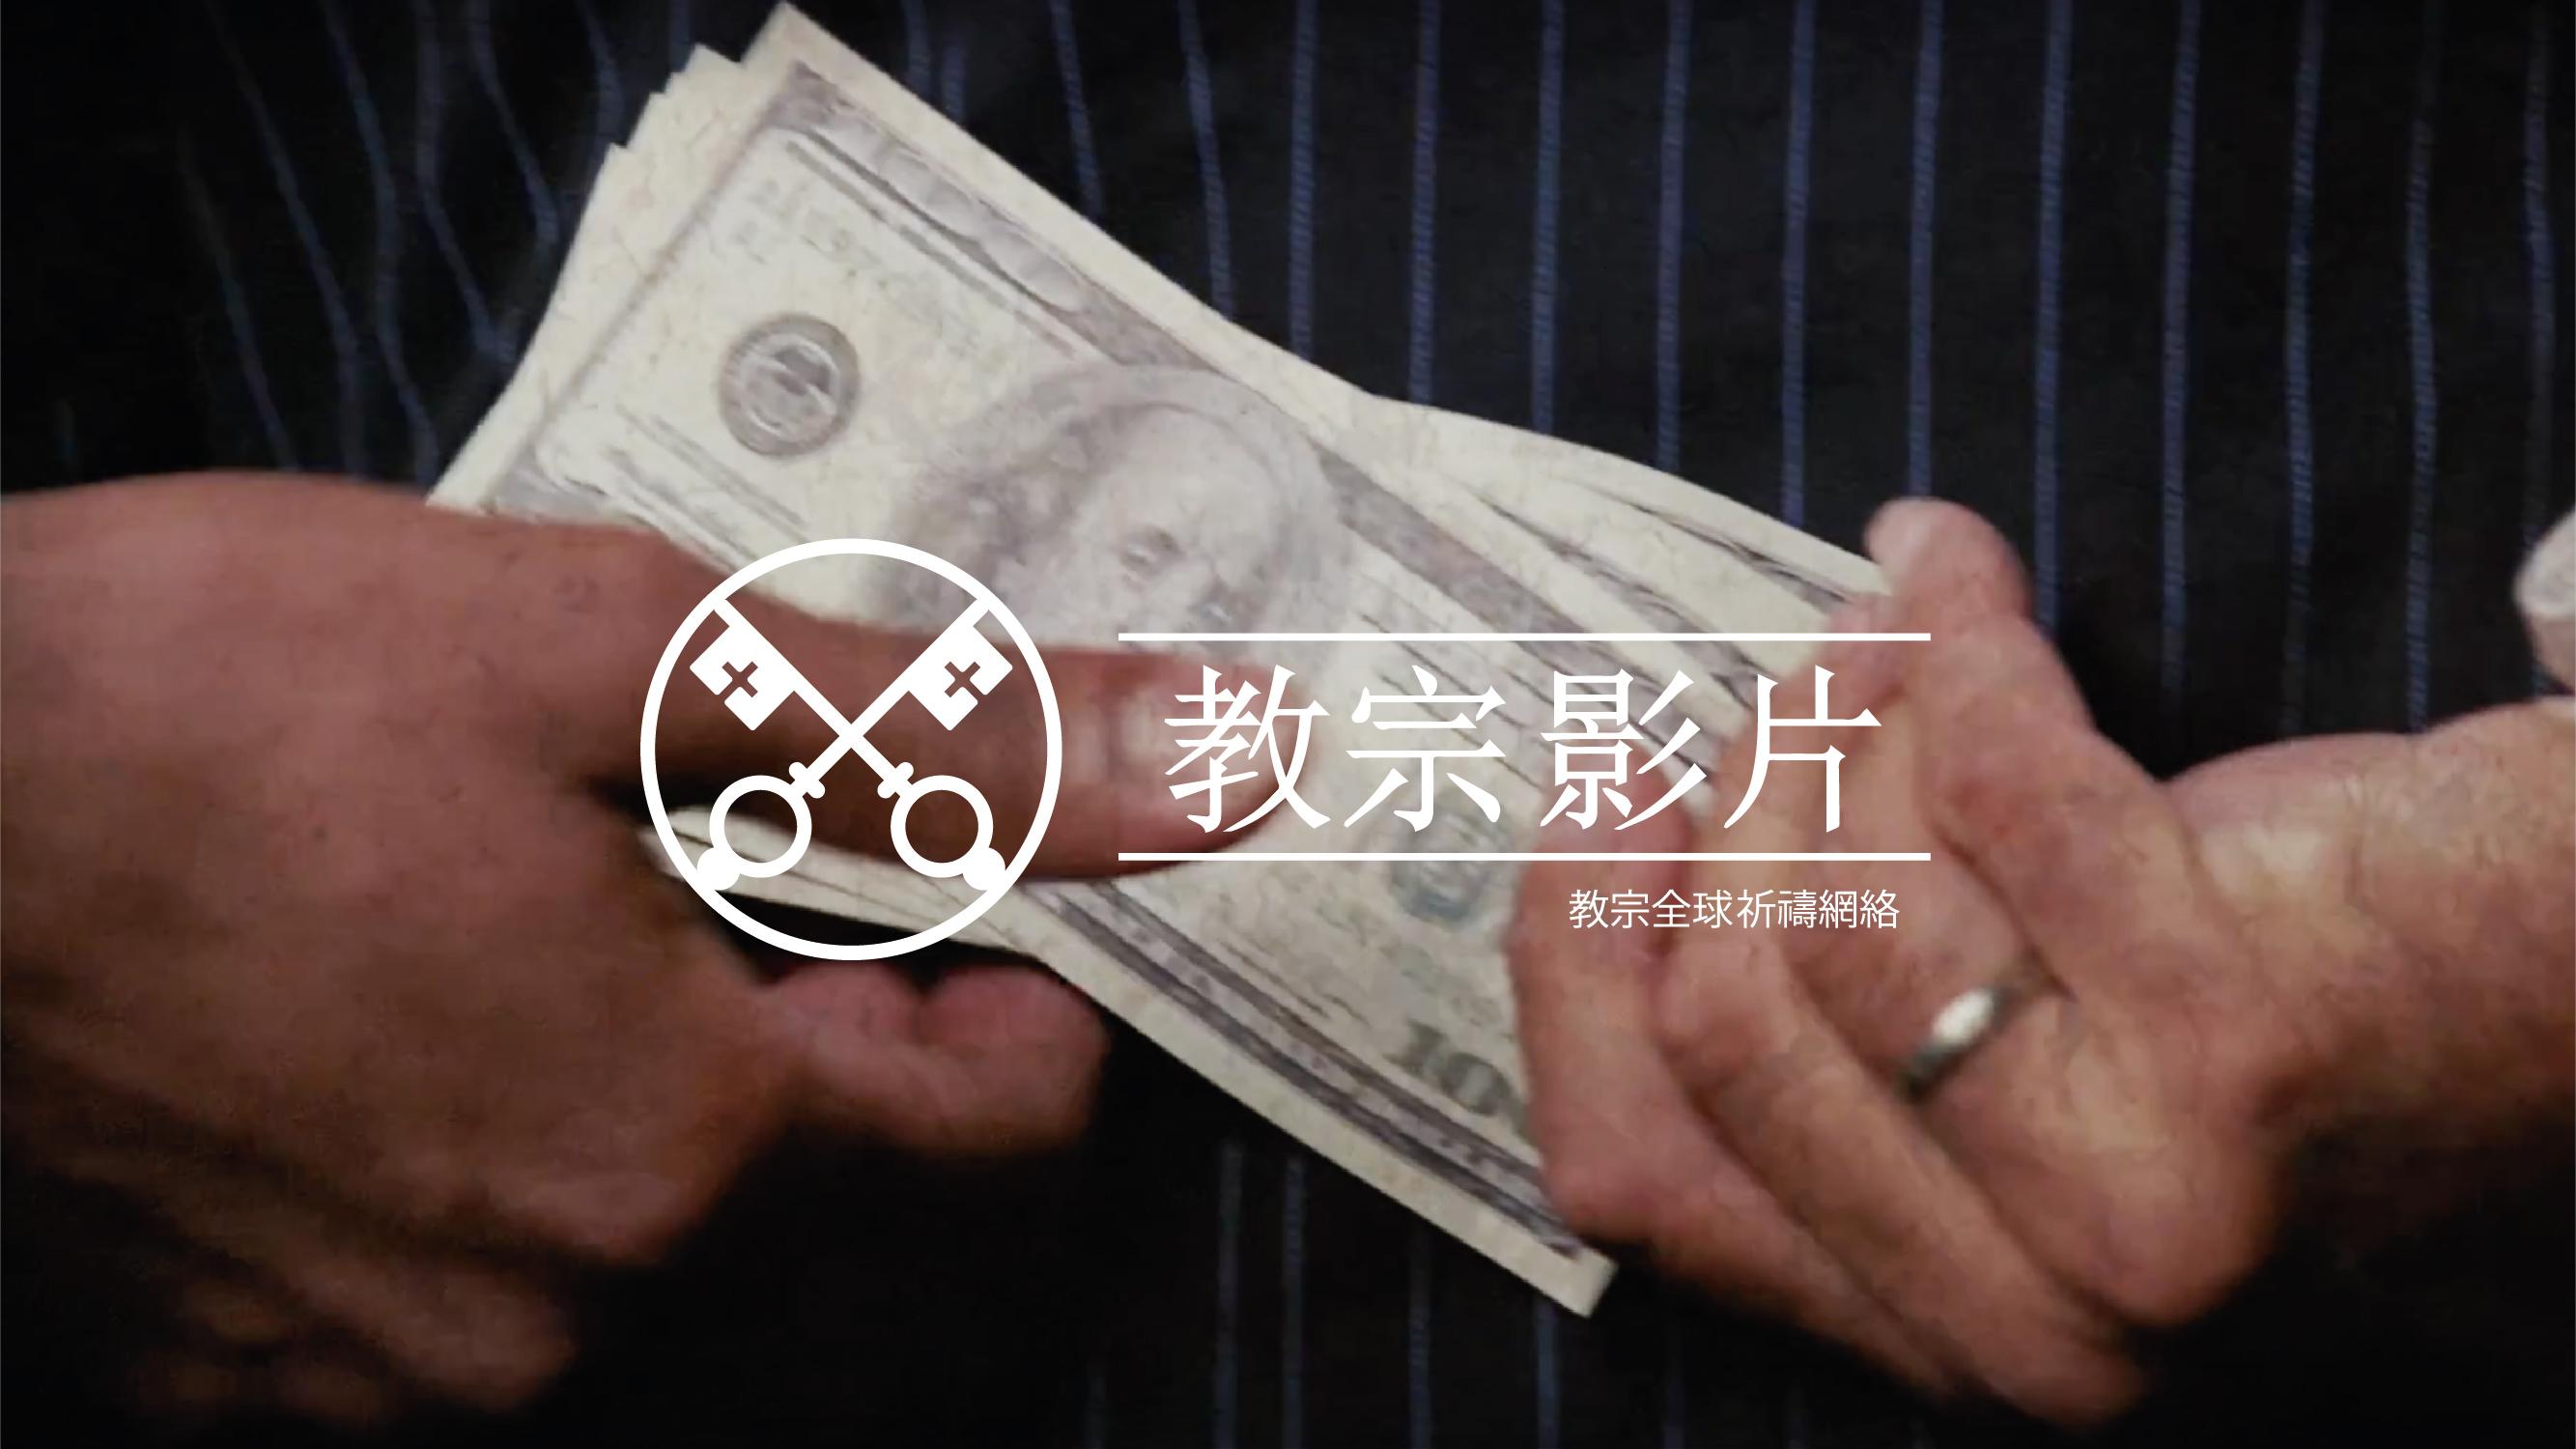 二月 : 向貪腐說「不」